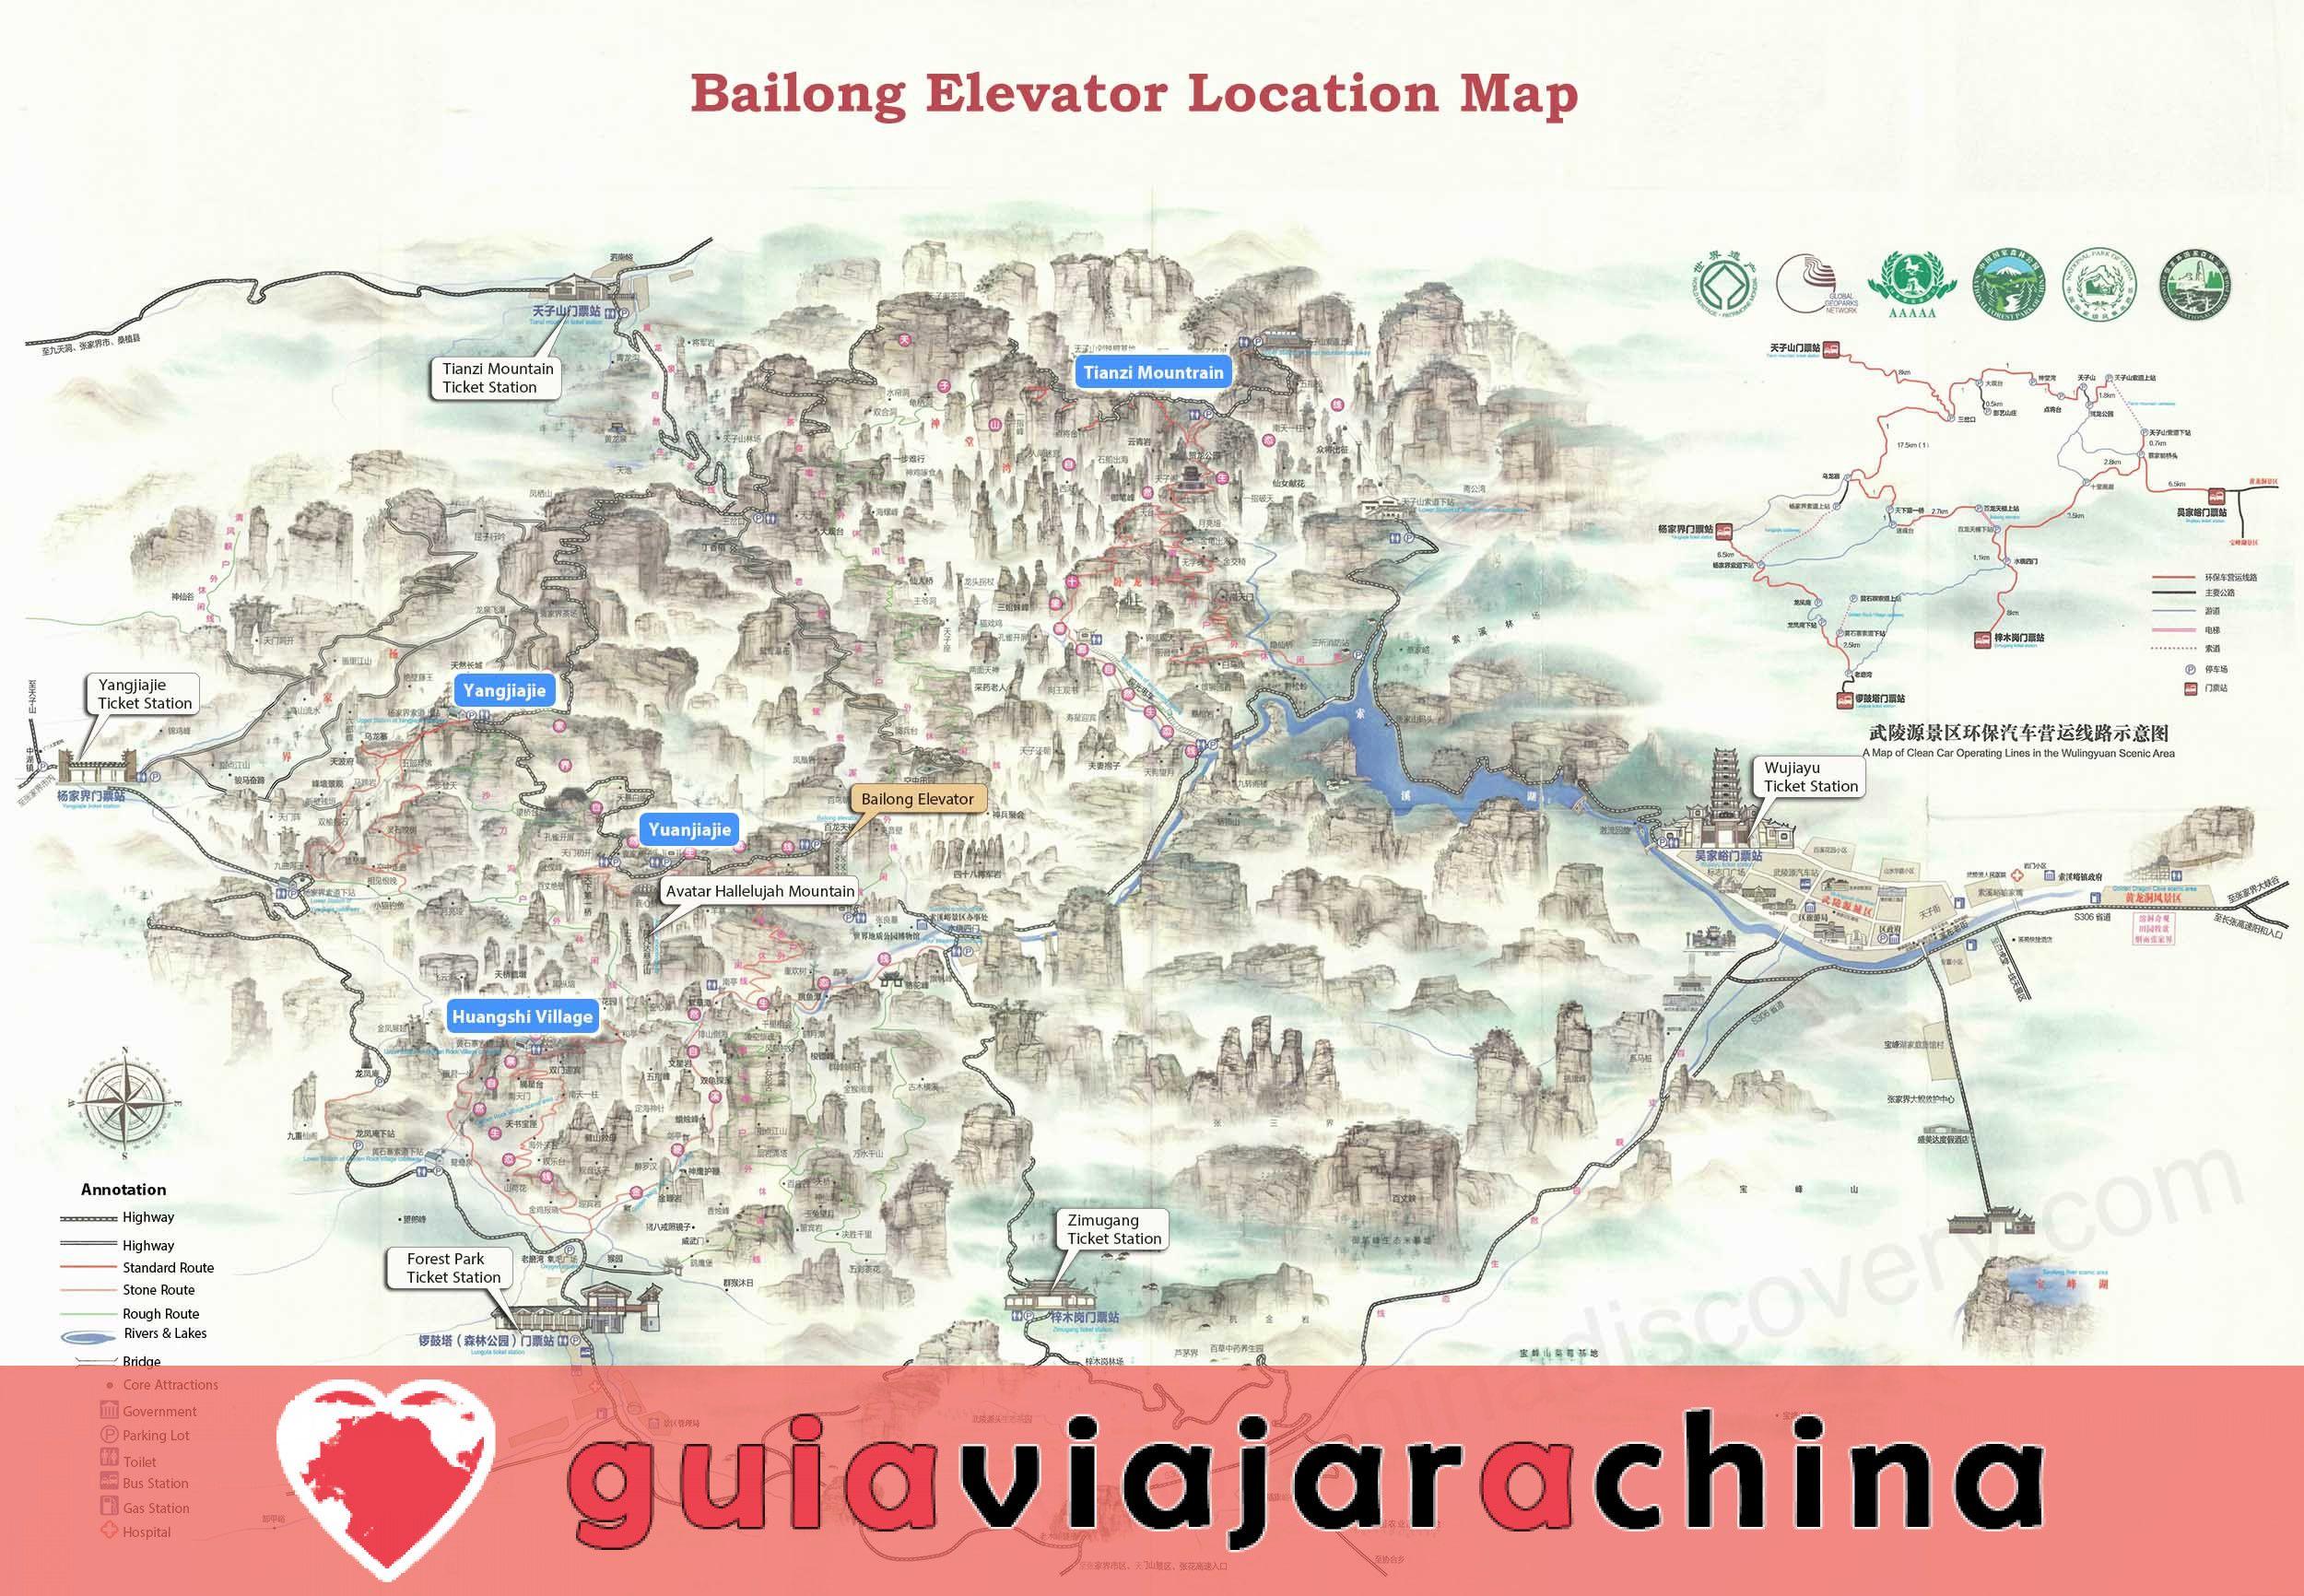 Ascensor Bailong: Datos, Ubicación, Mapa, Construcción, Costo y Cómo Visitarlo 5